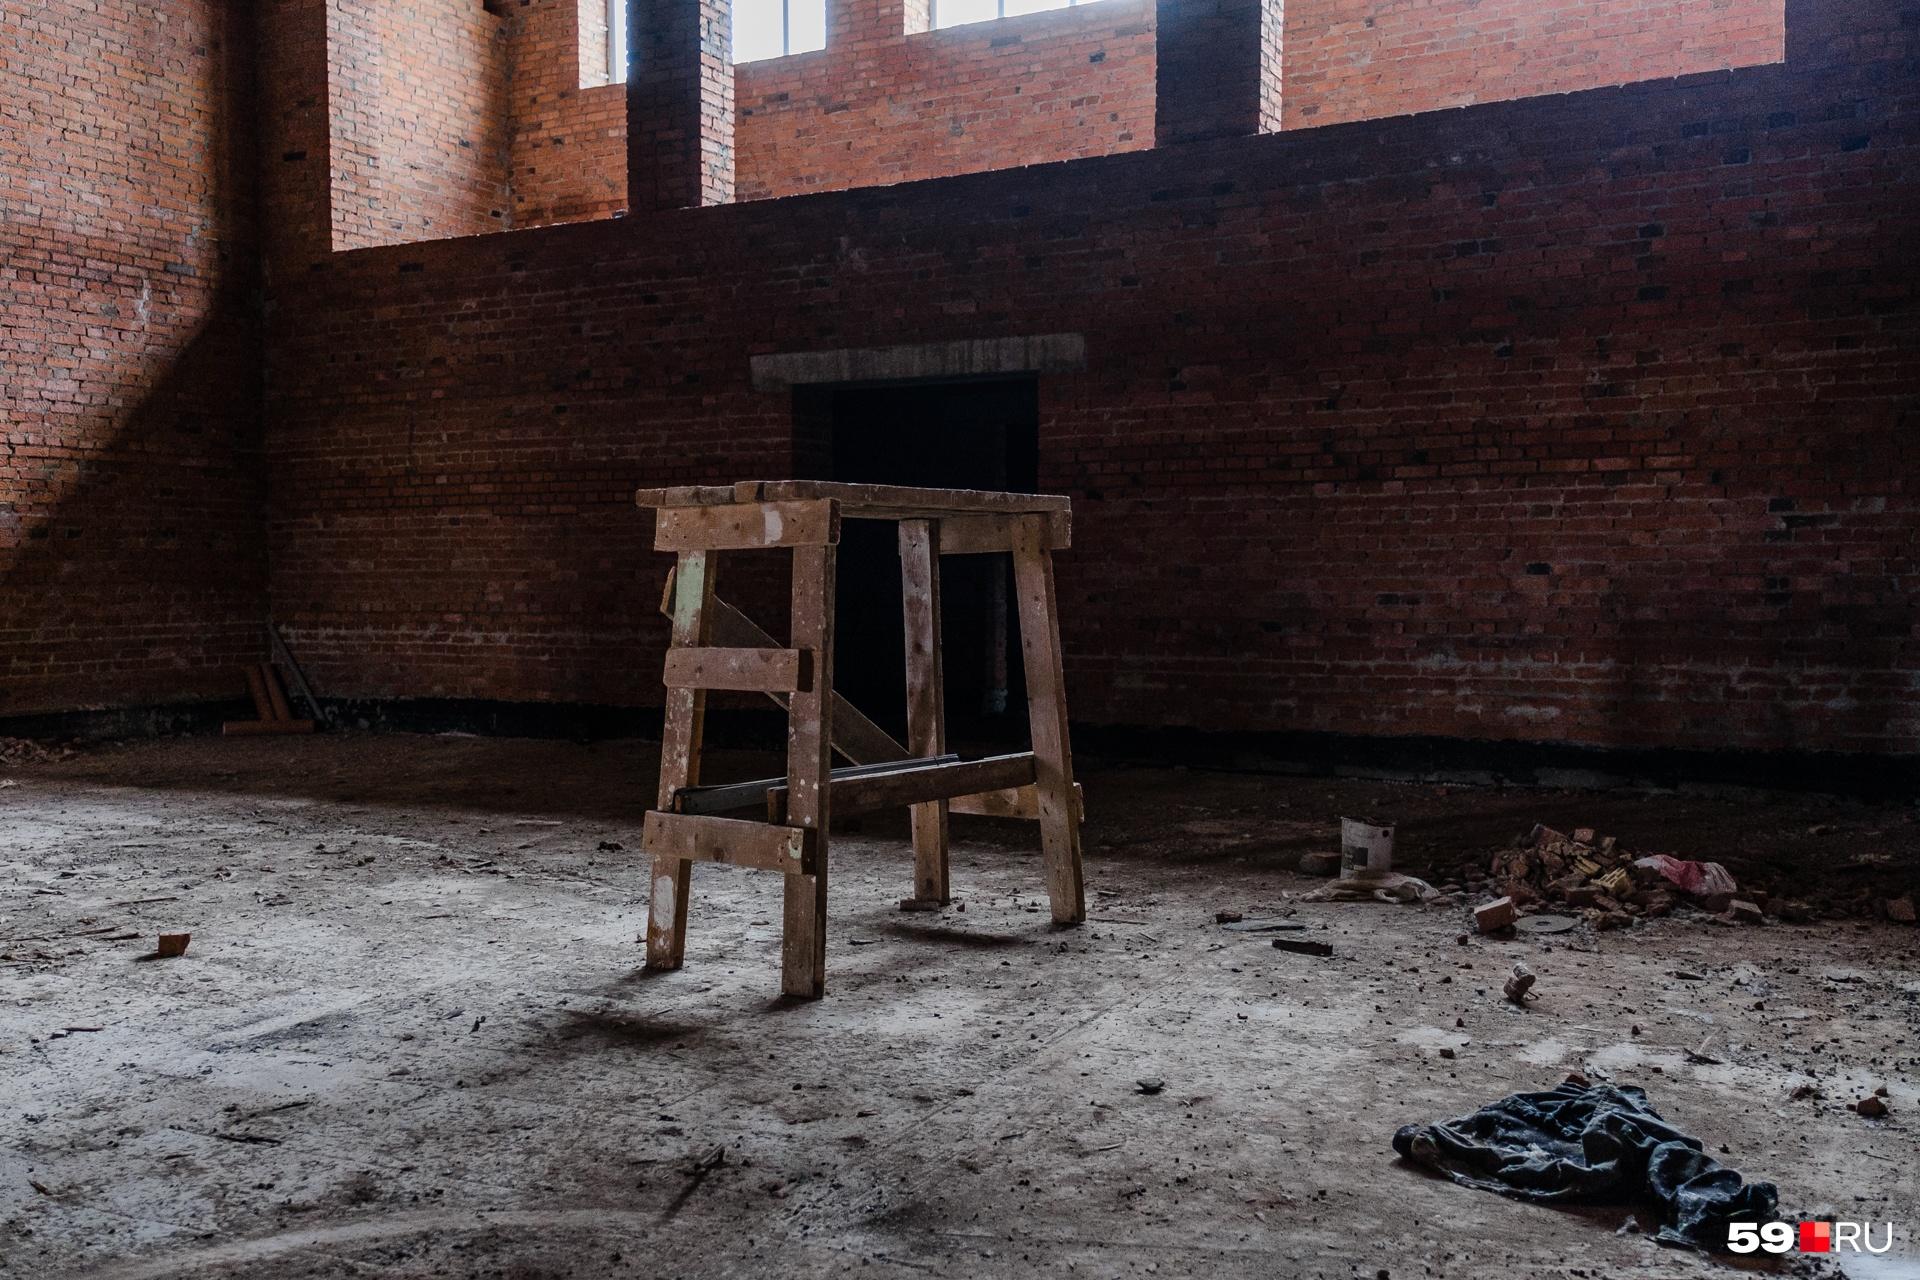 Внутри здания рабочие оставили козлы, тряпки, пустые пластиковые бутылки